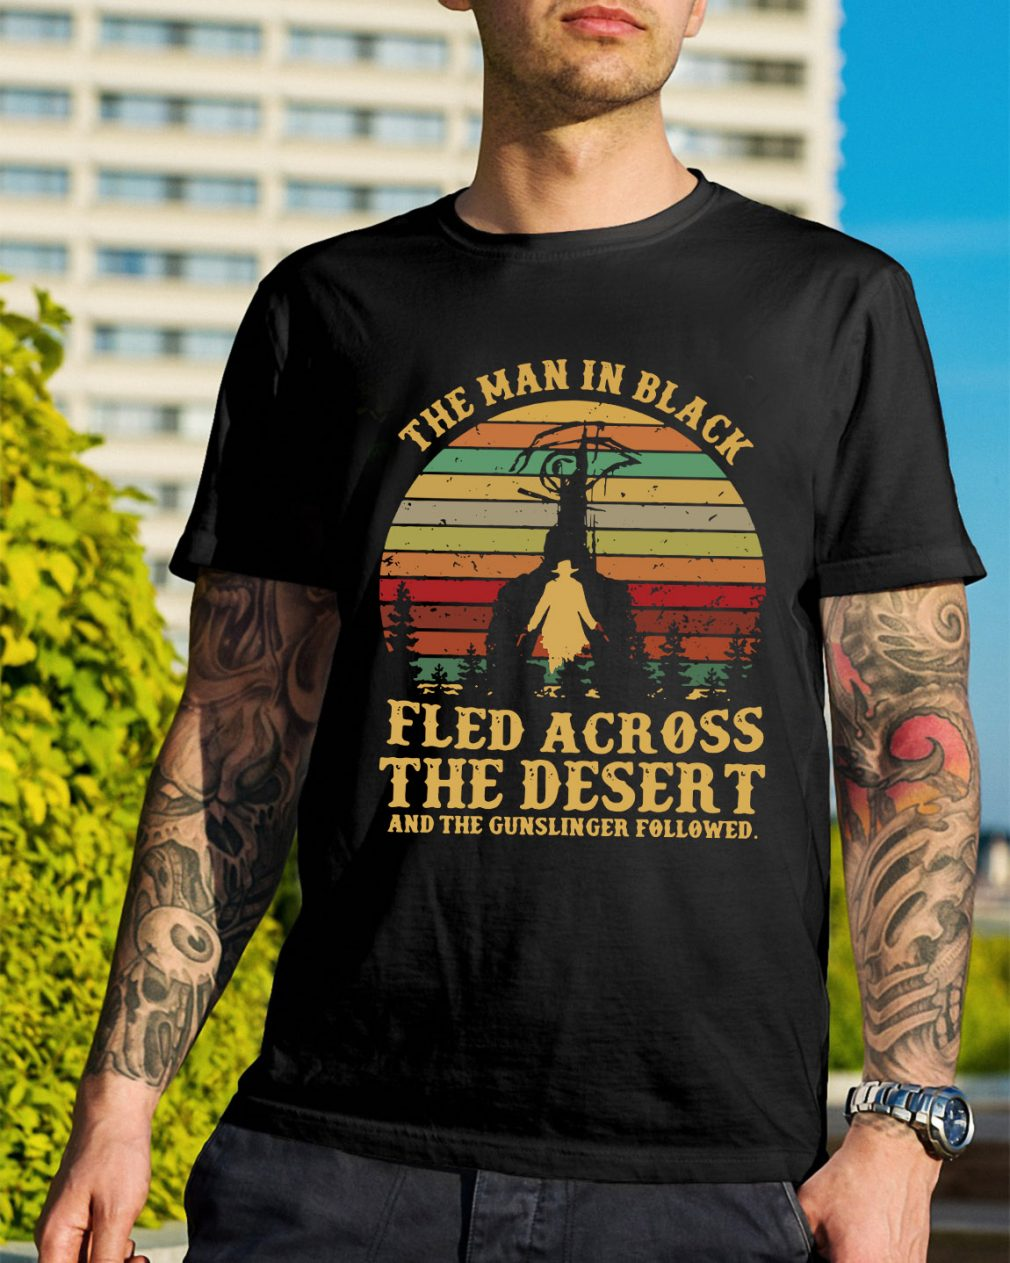 The man in black fled across the desert and the gunslinger shirt